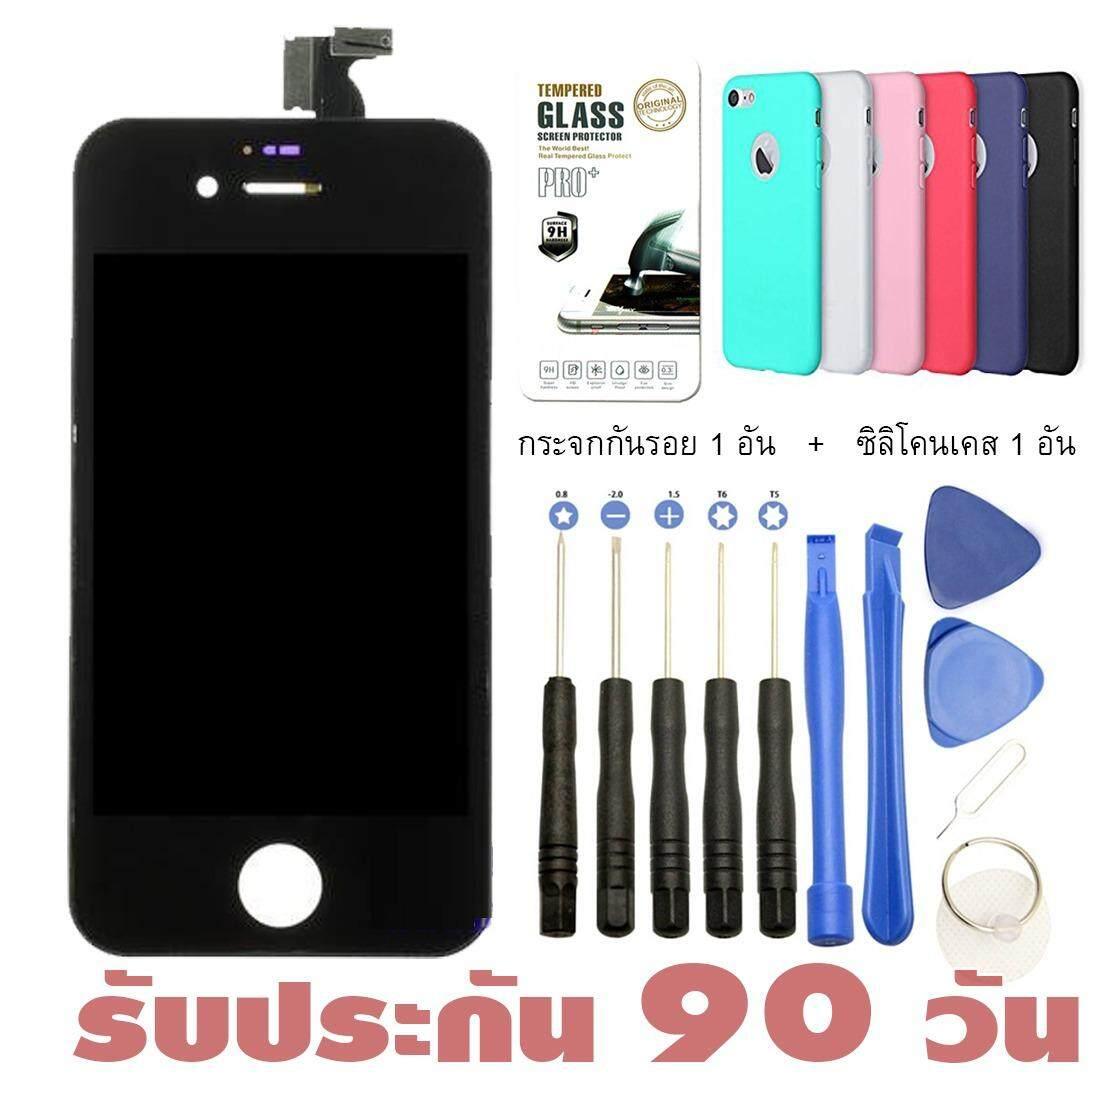 ขาย ประกัน 90 วัน หน้าจอไอโฟน 4S ทัสกรีน Iphone 4S Lcd เป็นต้นฉบับ